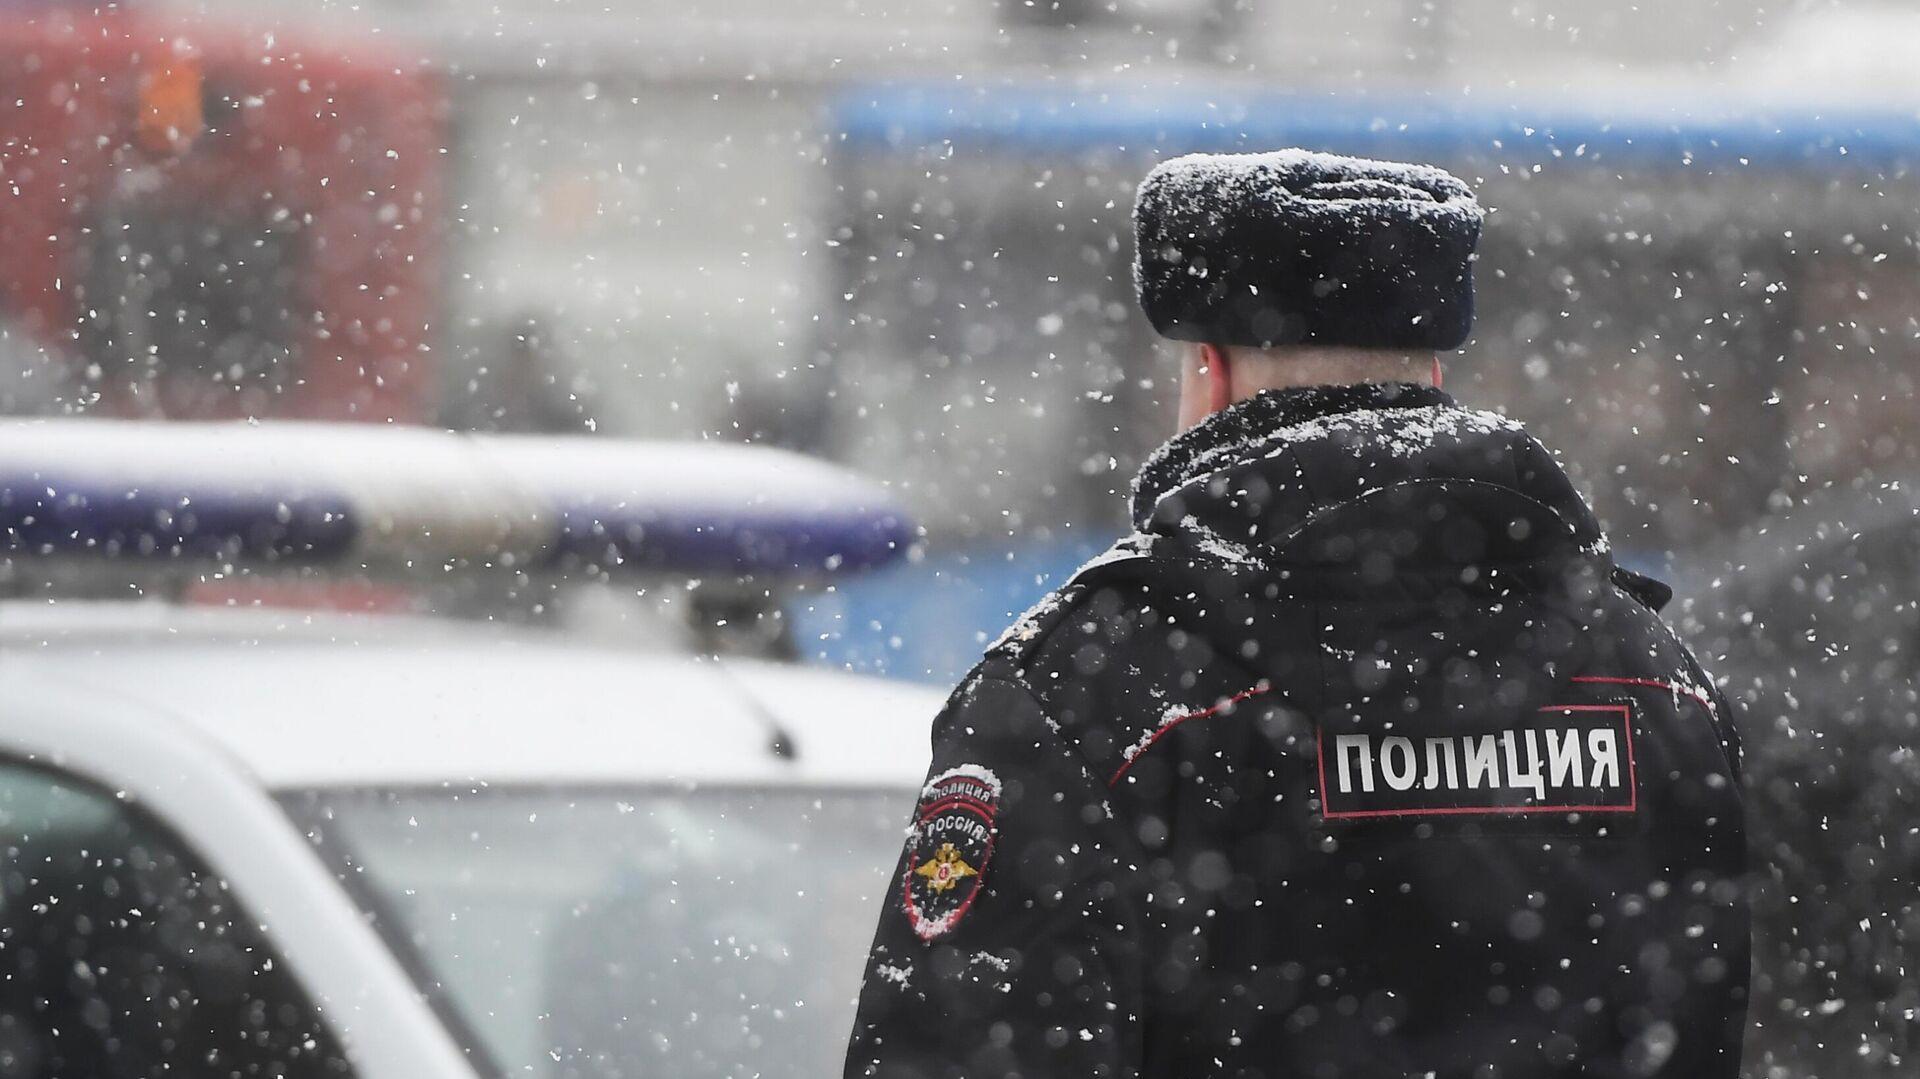 Сотрудник полиции на улице Москвы  - РИА Новости, 1920, 15.02.2021